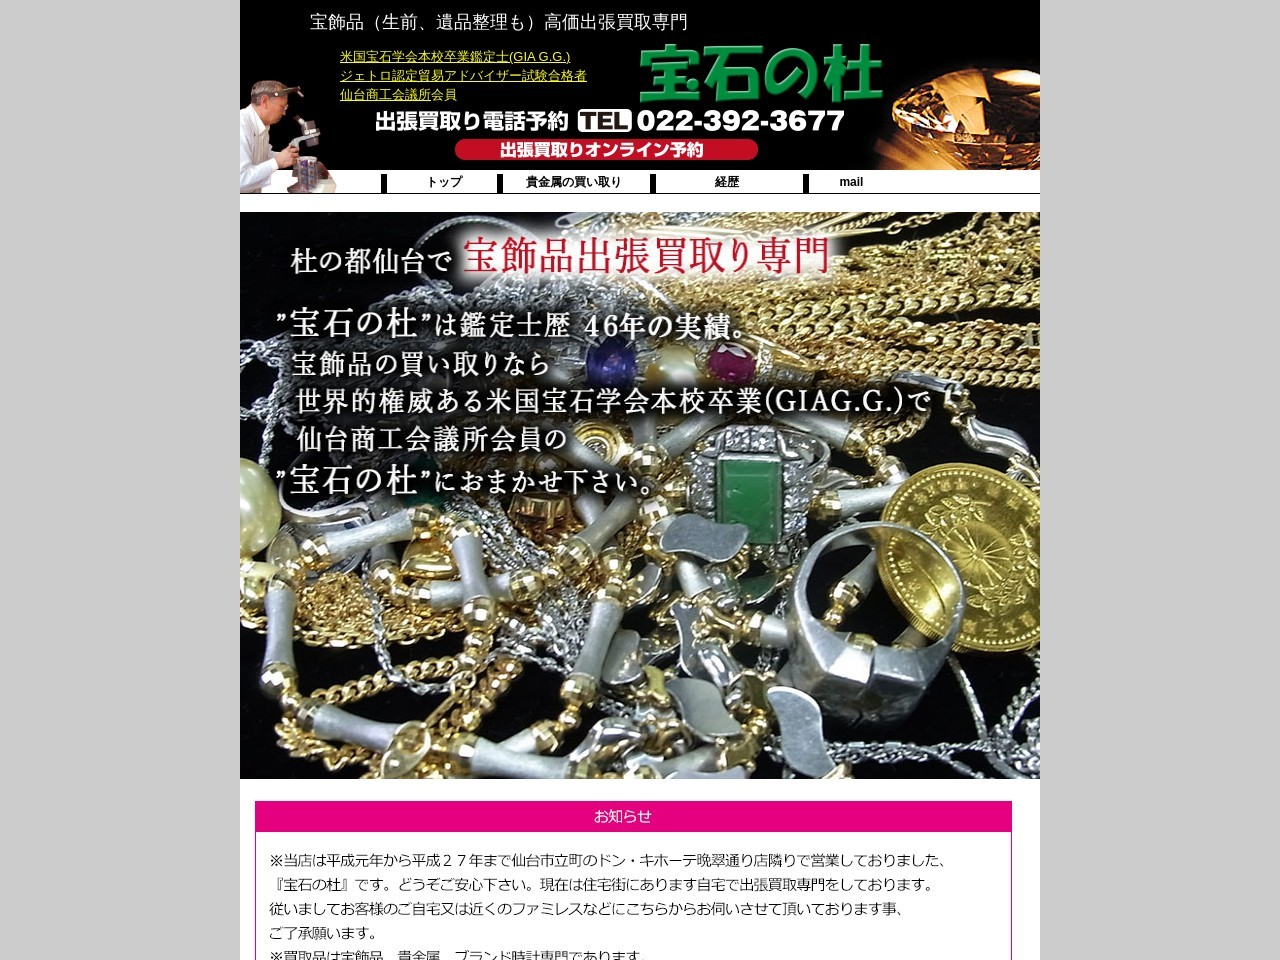 宝石の杜(宝飾品の出張買い取り)